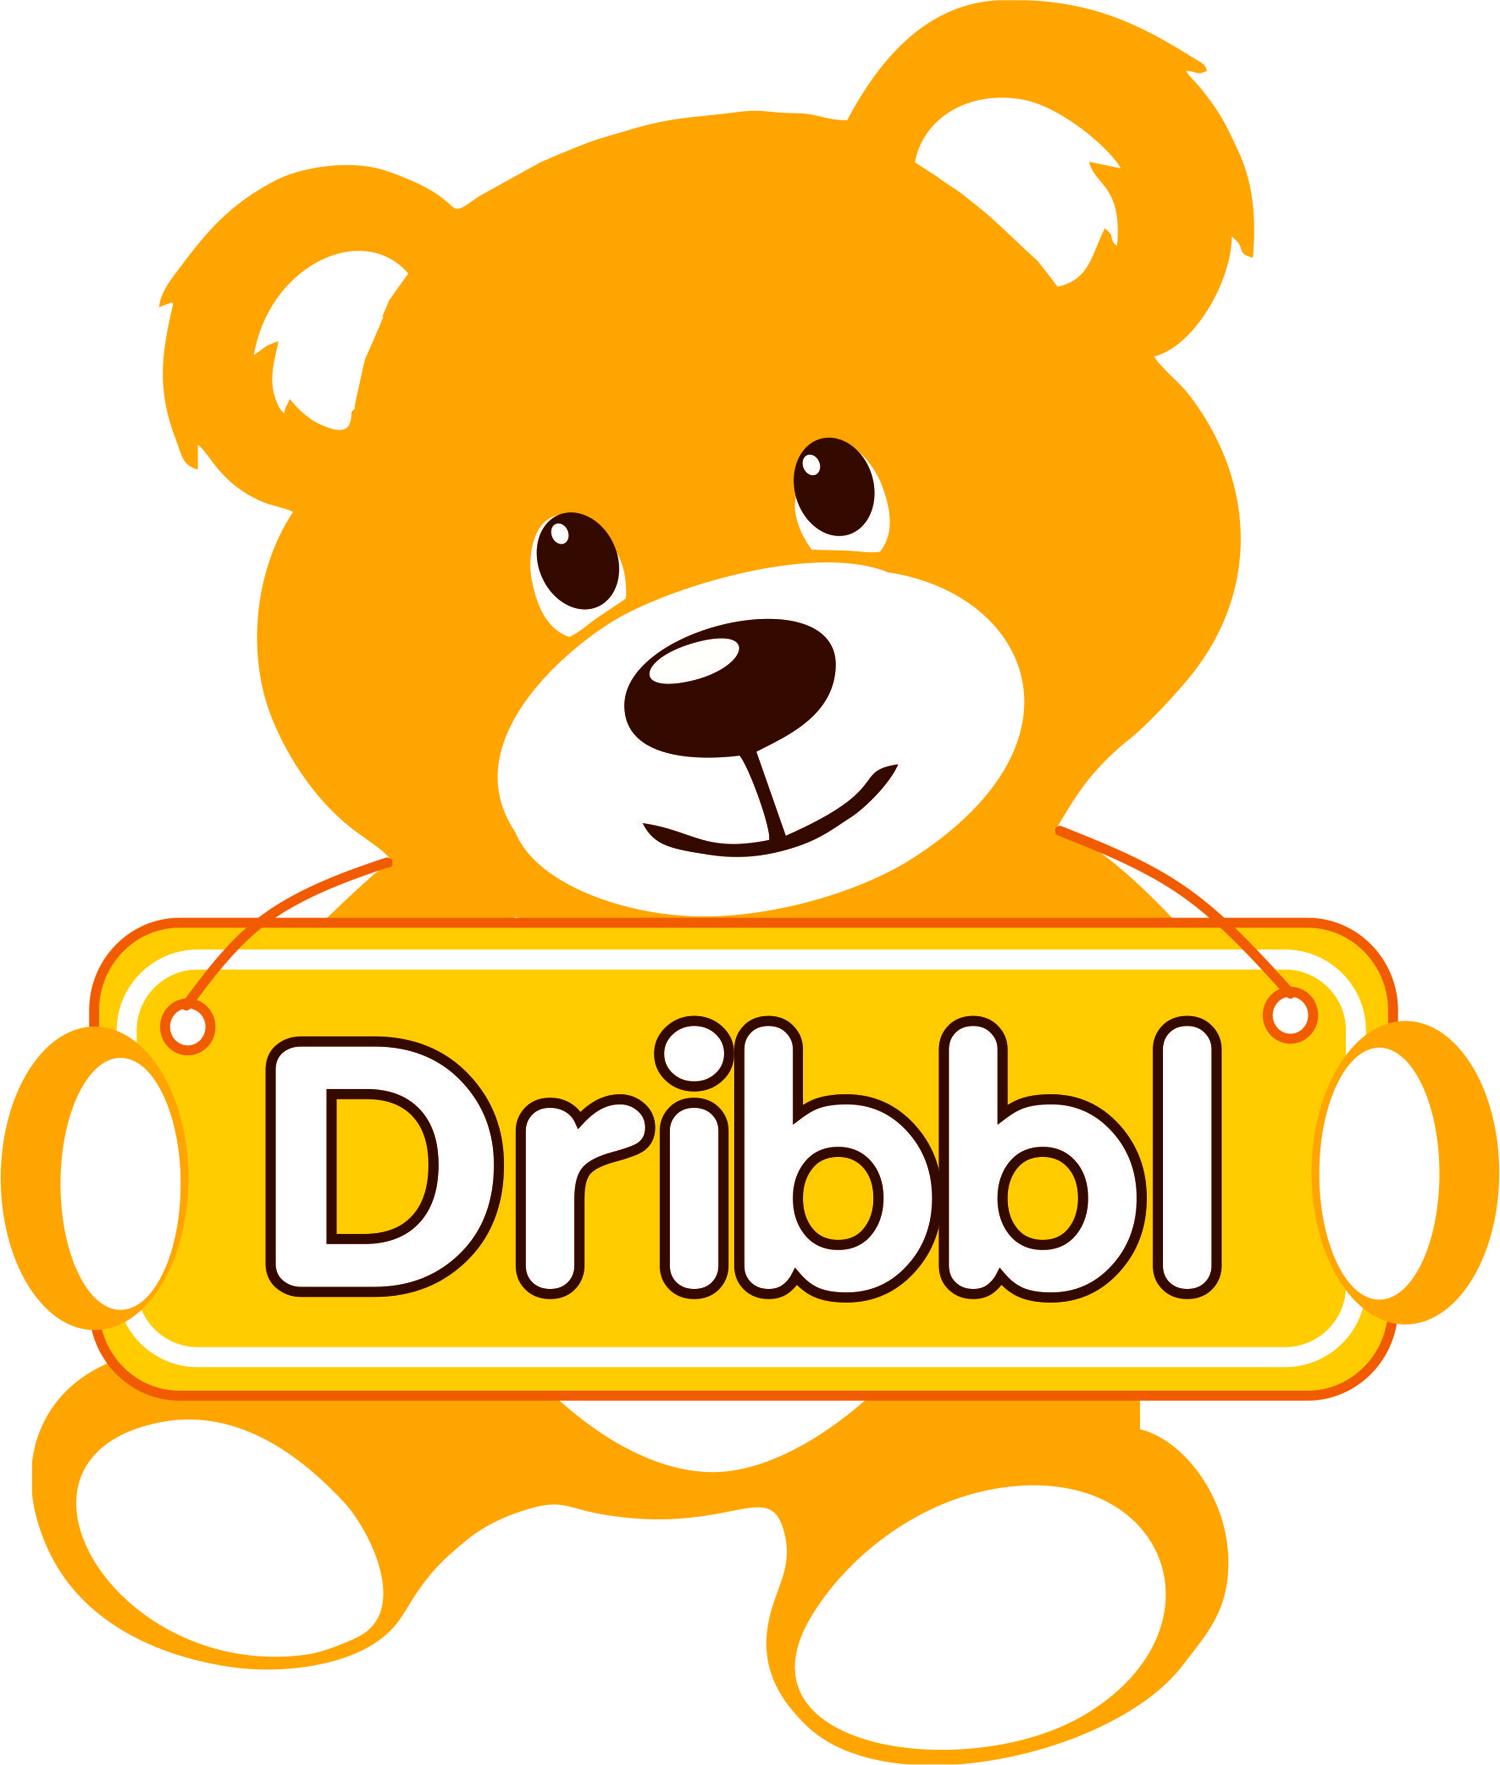 Разработка логотипа для сайта Dribbl.ru фото f_0695a9e24fd3a942.jpg